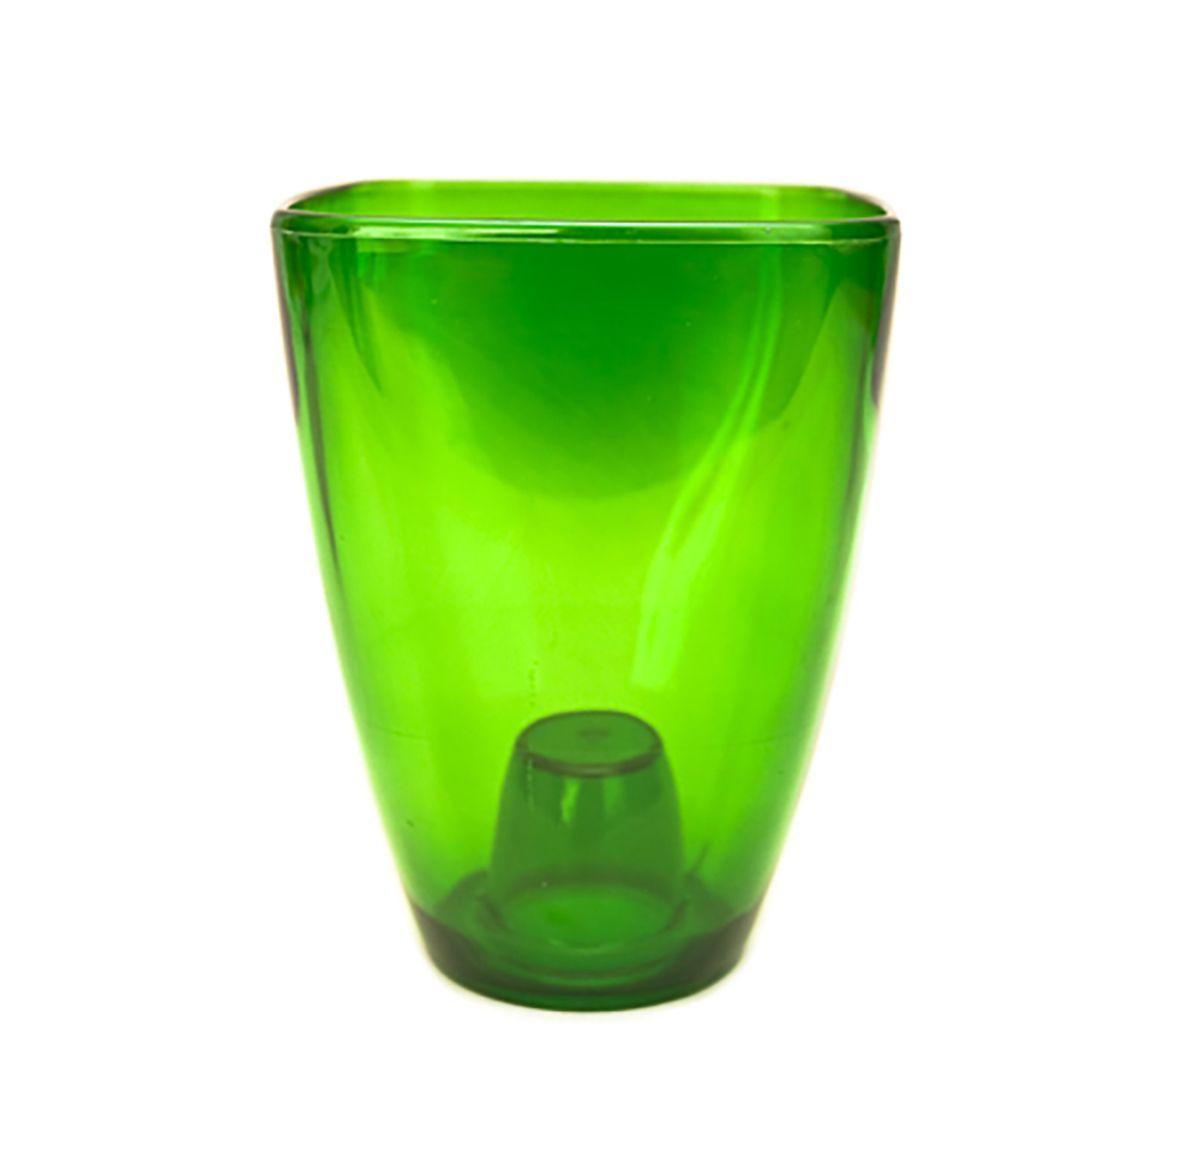 цена на Кашпо для орхидей Form-Plastic Орхидея, цвет: зеленый, 10 х 10 х 16,5 см